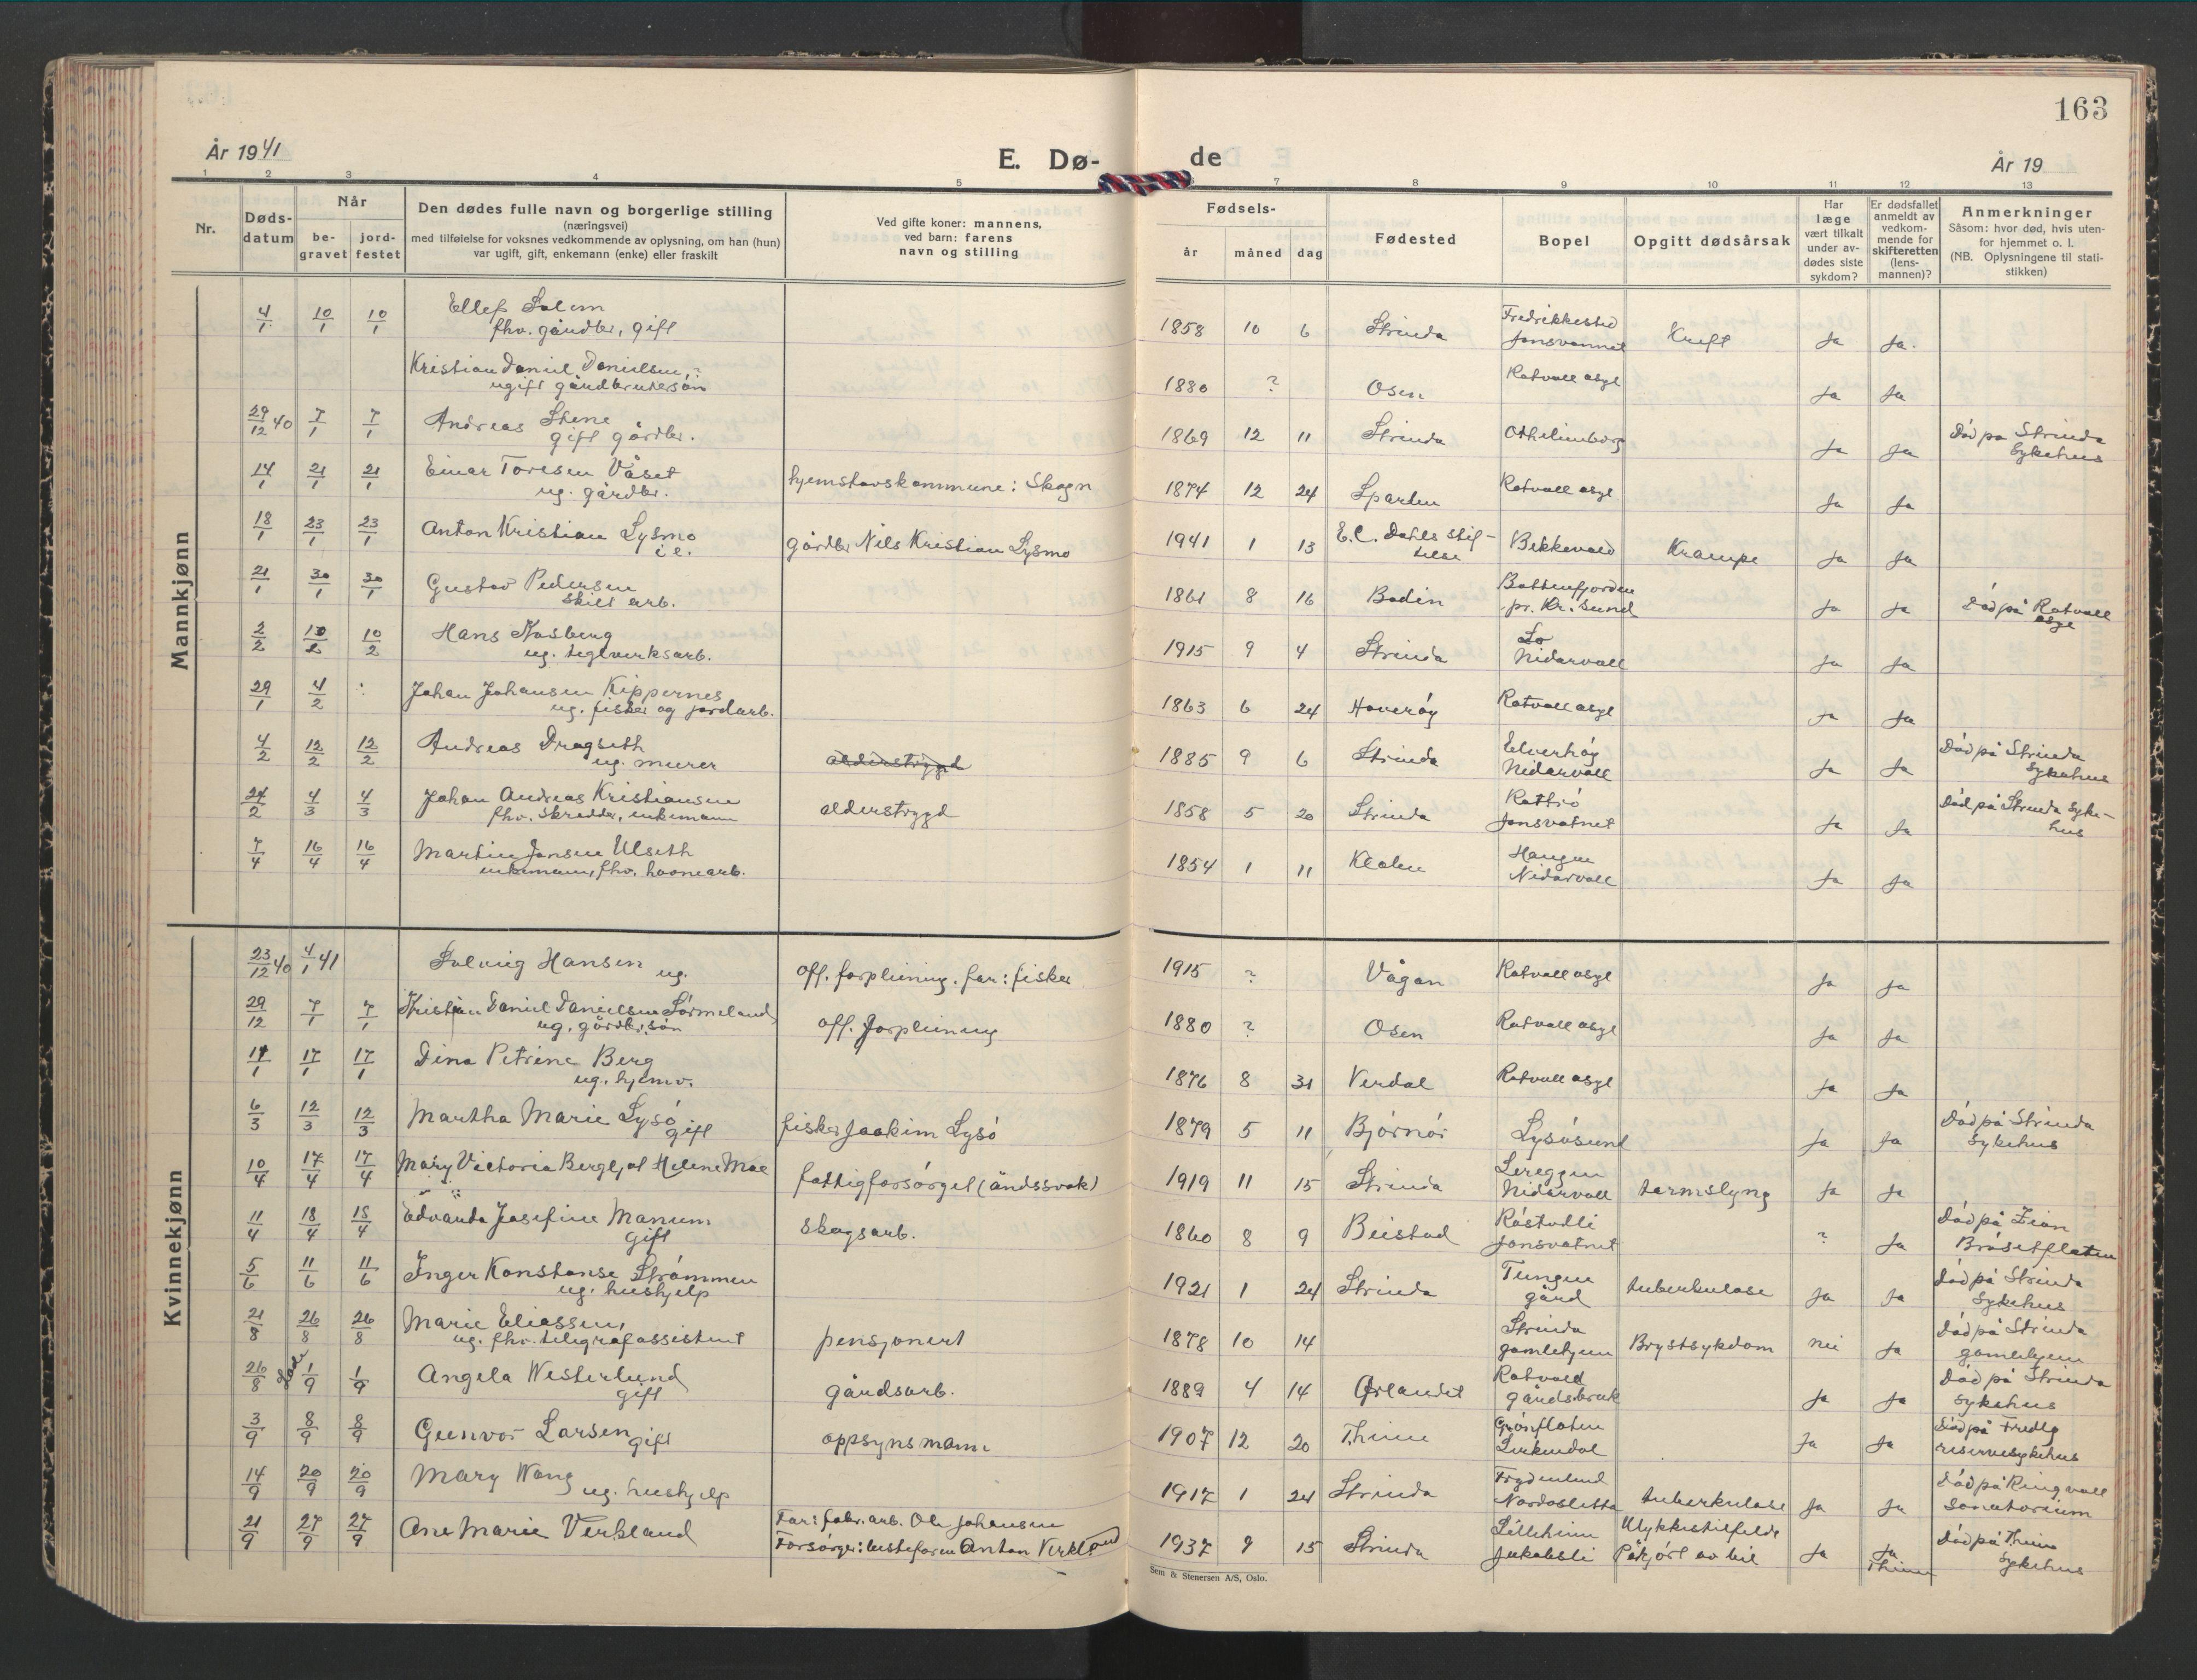 SAT, Ministerialprotokoller, klokkerbøker og fødselsregistre - Sør-Trøndelag, 607/L0328: Klokkerbok nr. 607C02, 1940-1948, s. 163